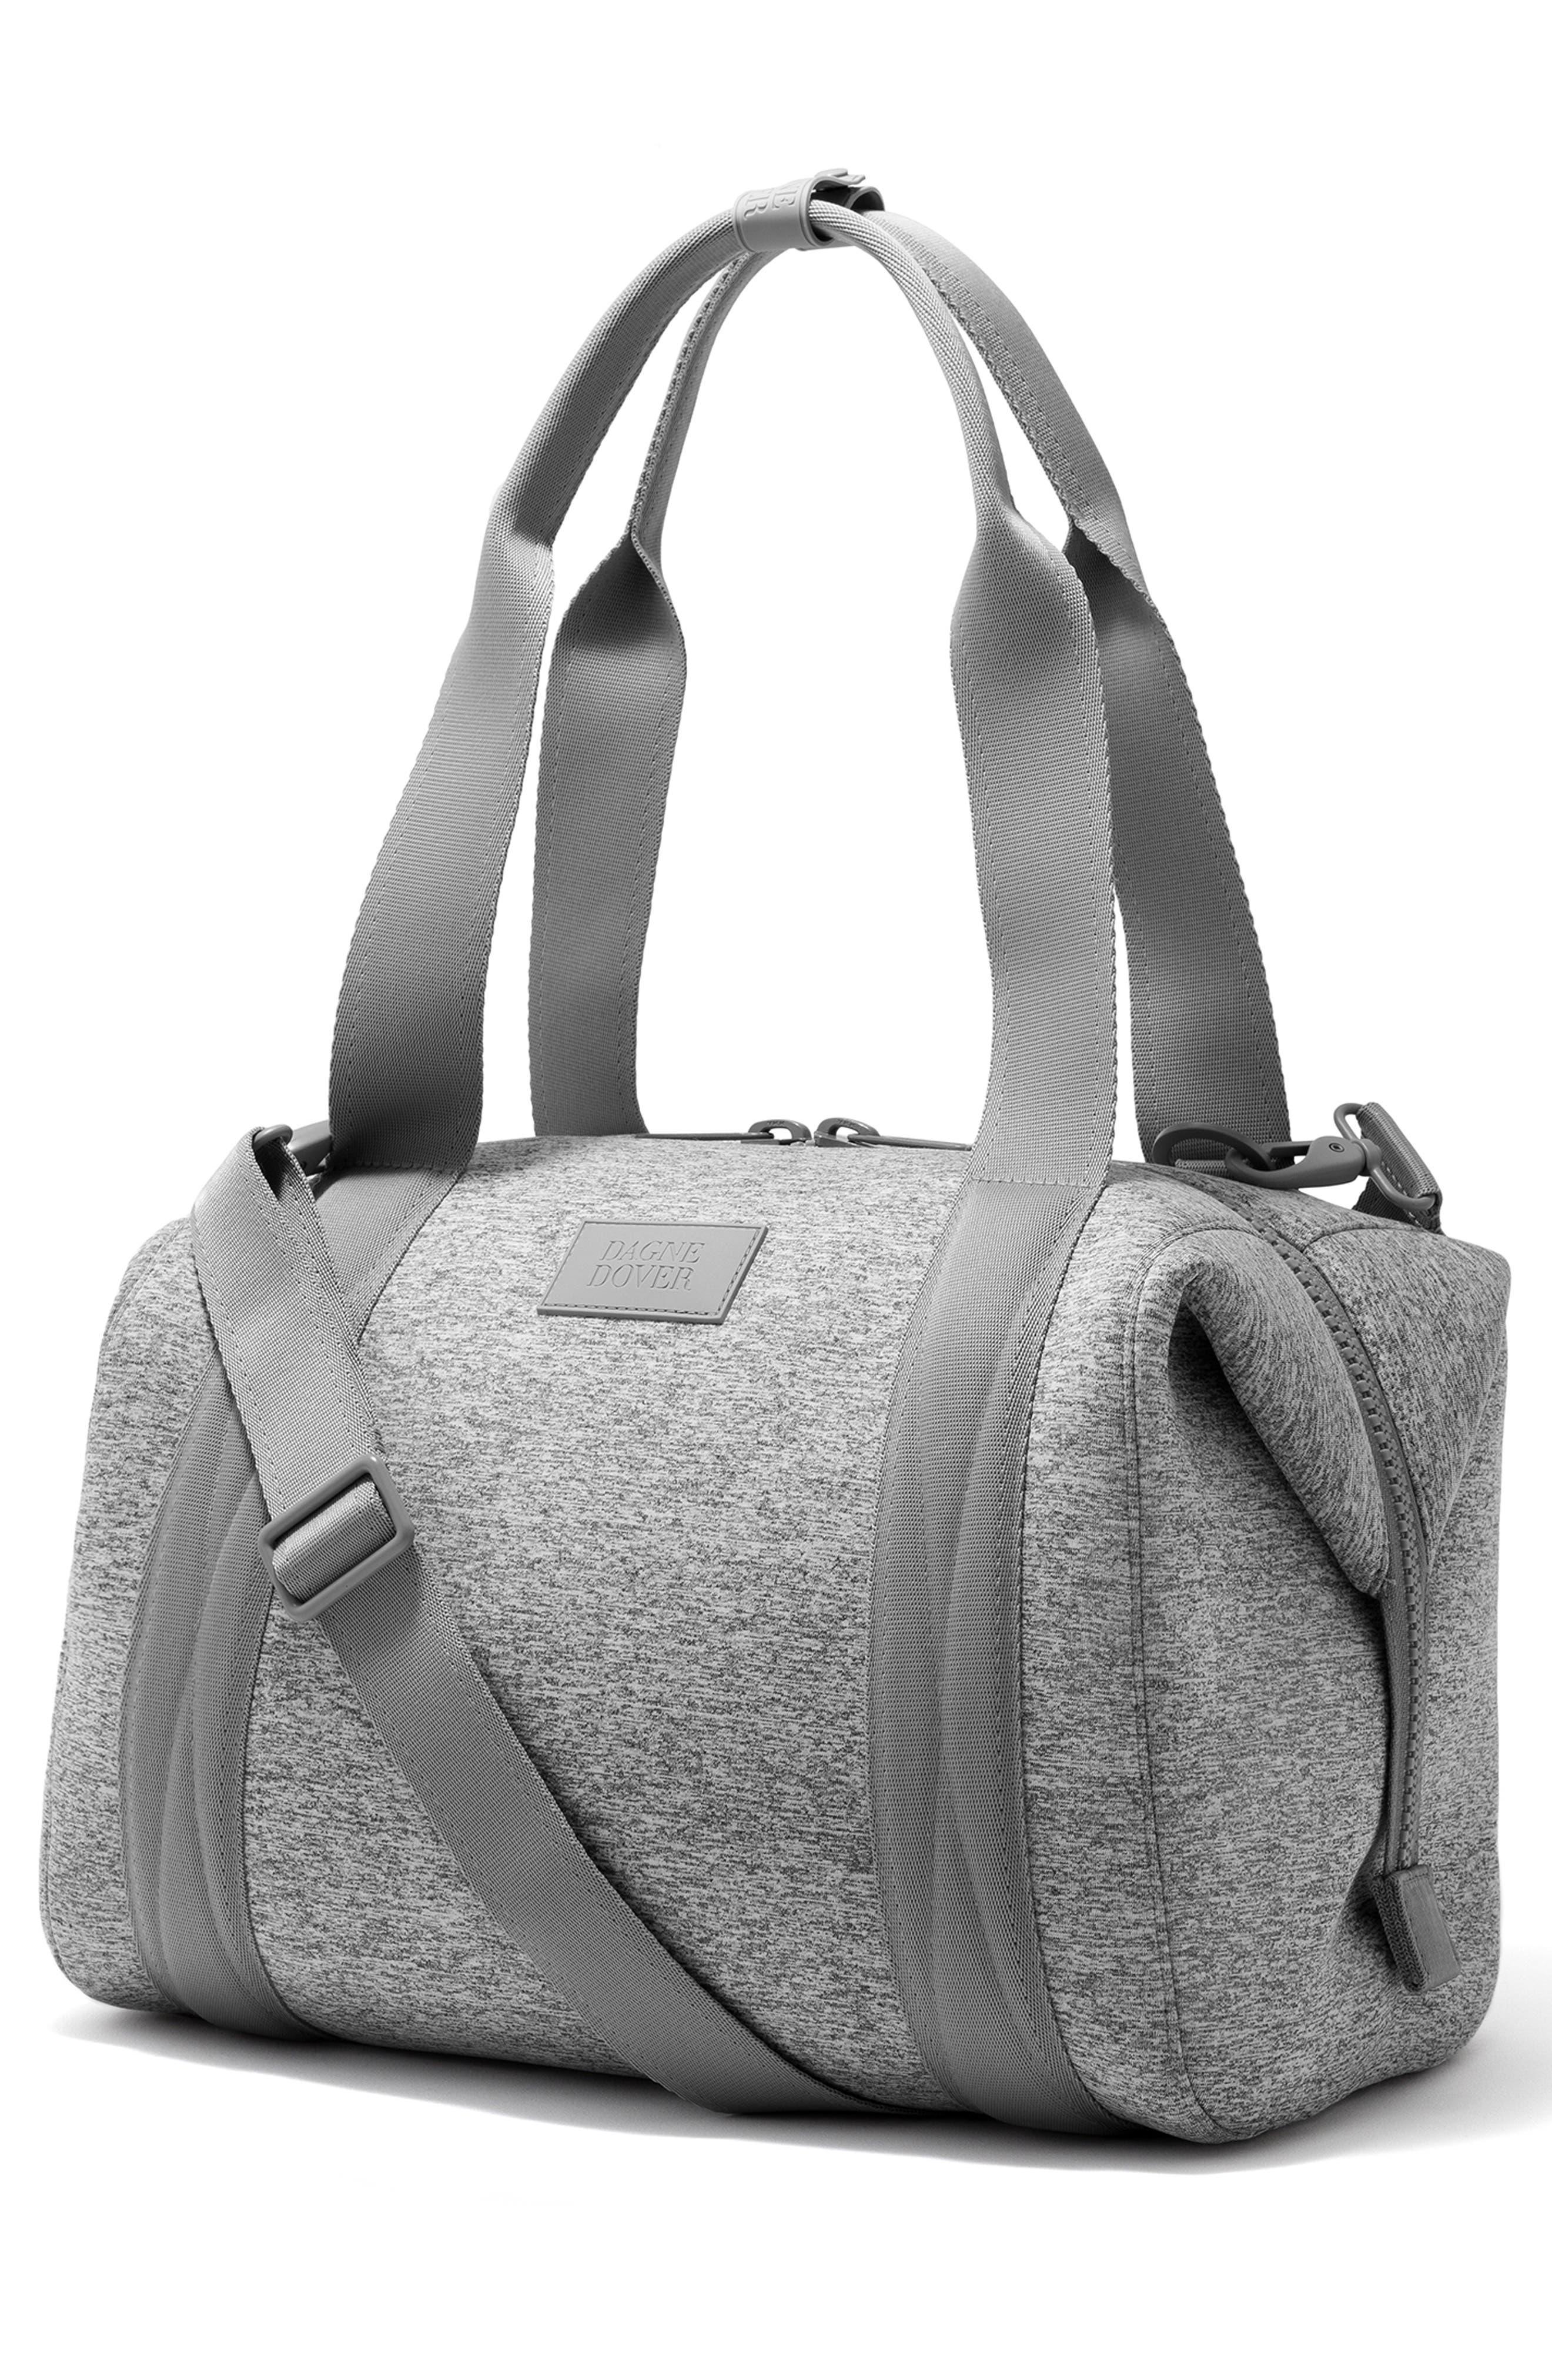 DAGNE DOVER, 365 Medium Landon Neoprene Carryall Duffle Bag, Alternate thumbnail 7, color, HEATHER GREY